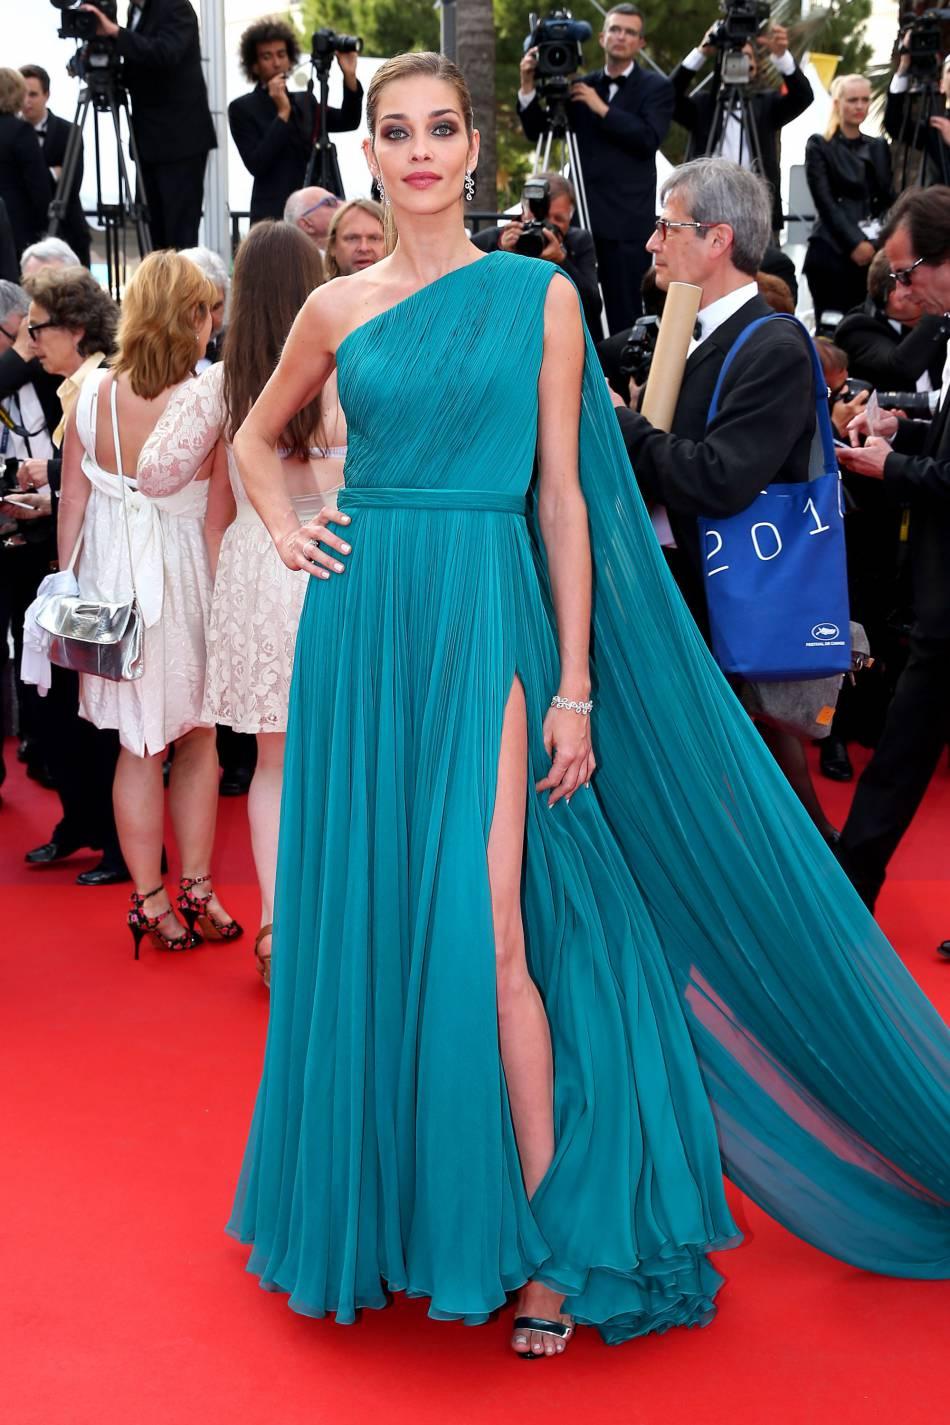 Cannes 2016 : Ana Beatriz Barros en Ralph & Russo et bijoux Montblanc lors du 69ème Festival International du Film de Cannes, le 18 mai 2016.